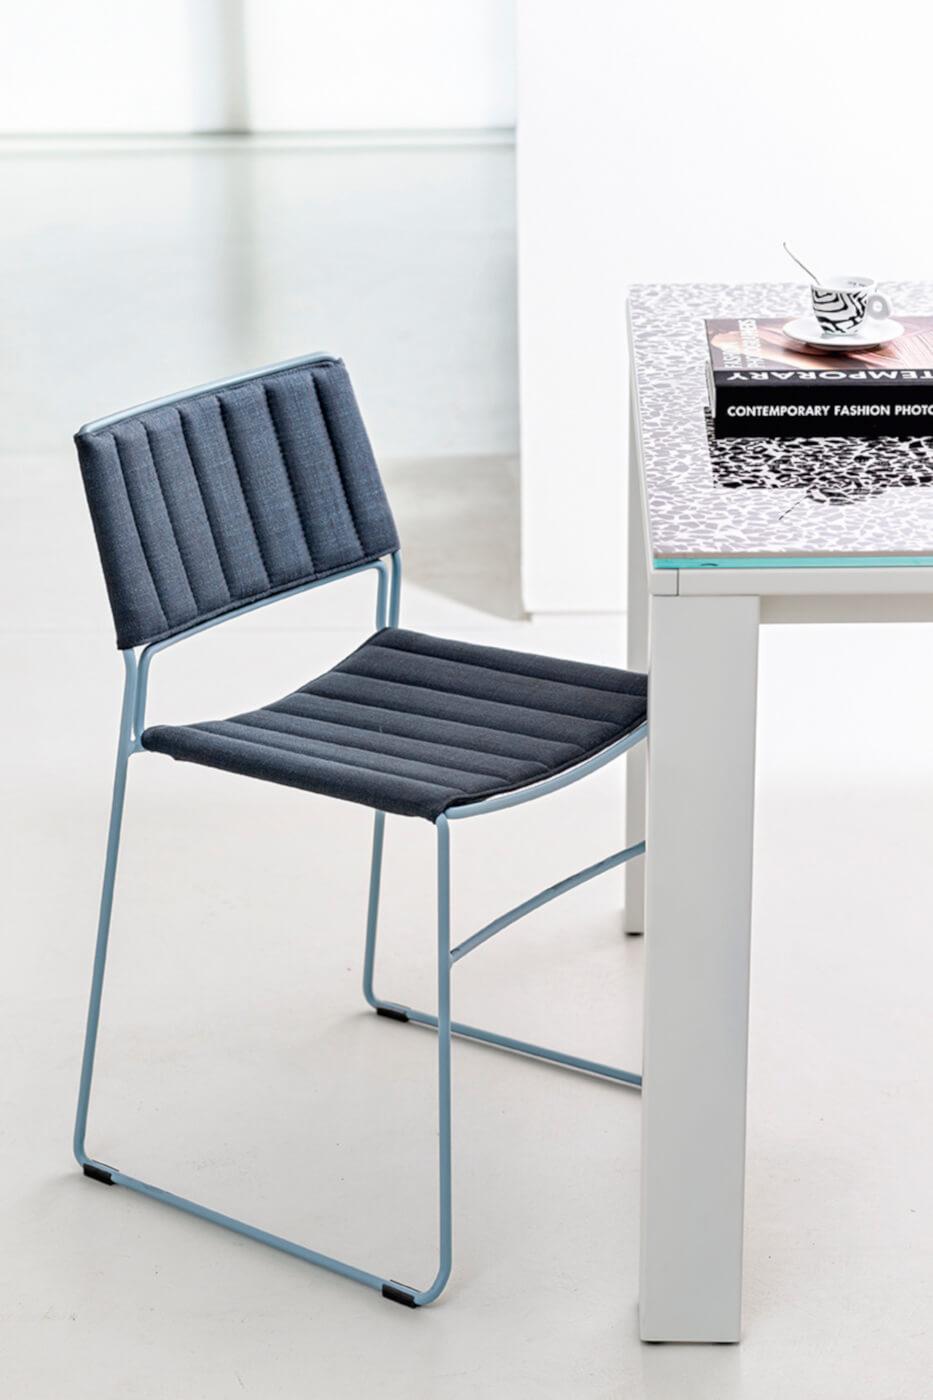 Sedia Slim con sedile rivestita in tessuto blu e struttura in metallo azzurro